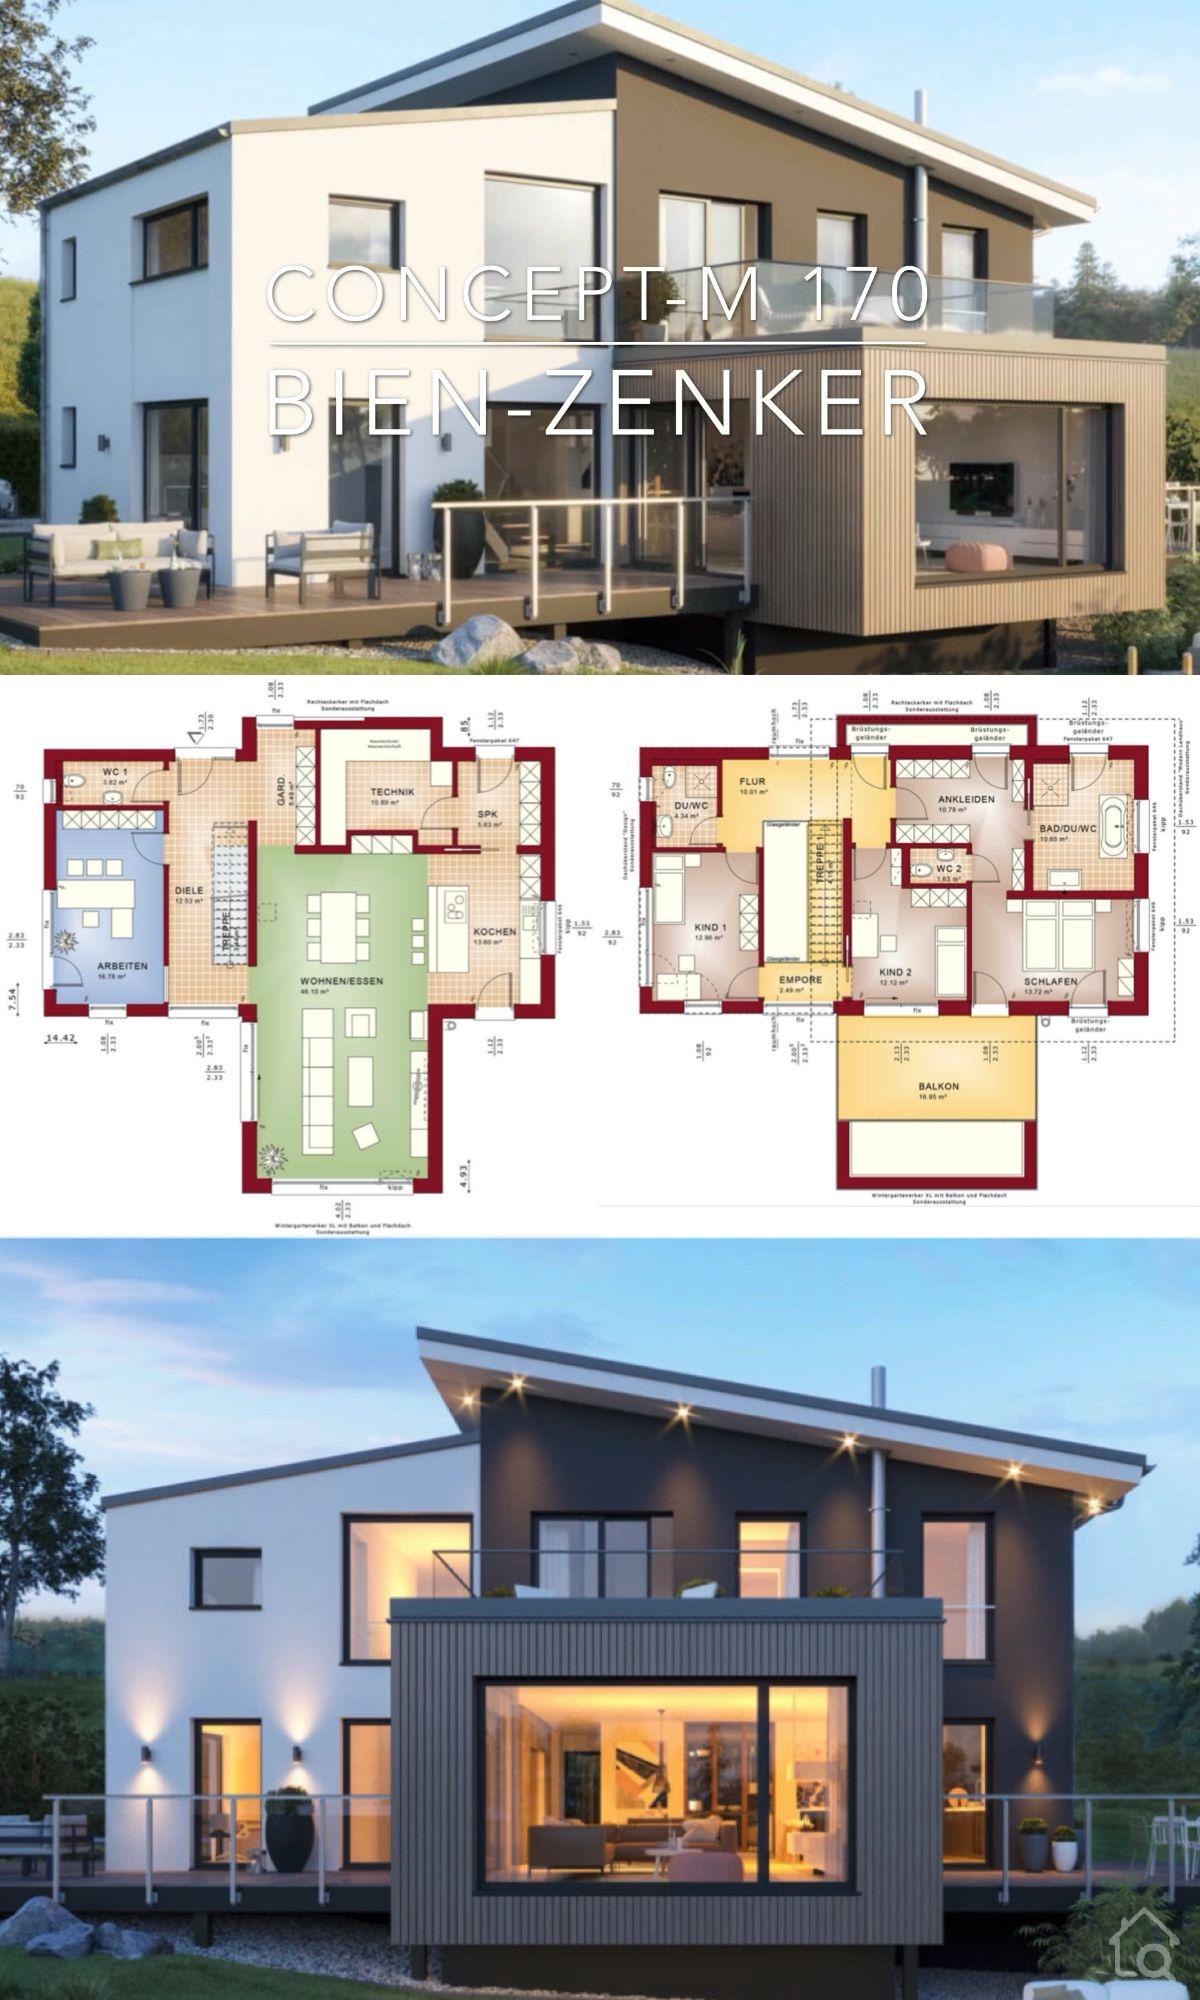 Modern Villa Architecture Home Plan & Innenarchitektur – Concept-M 170